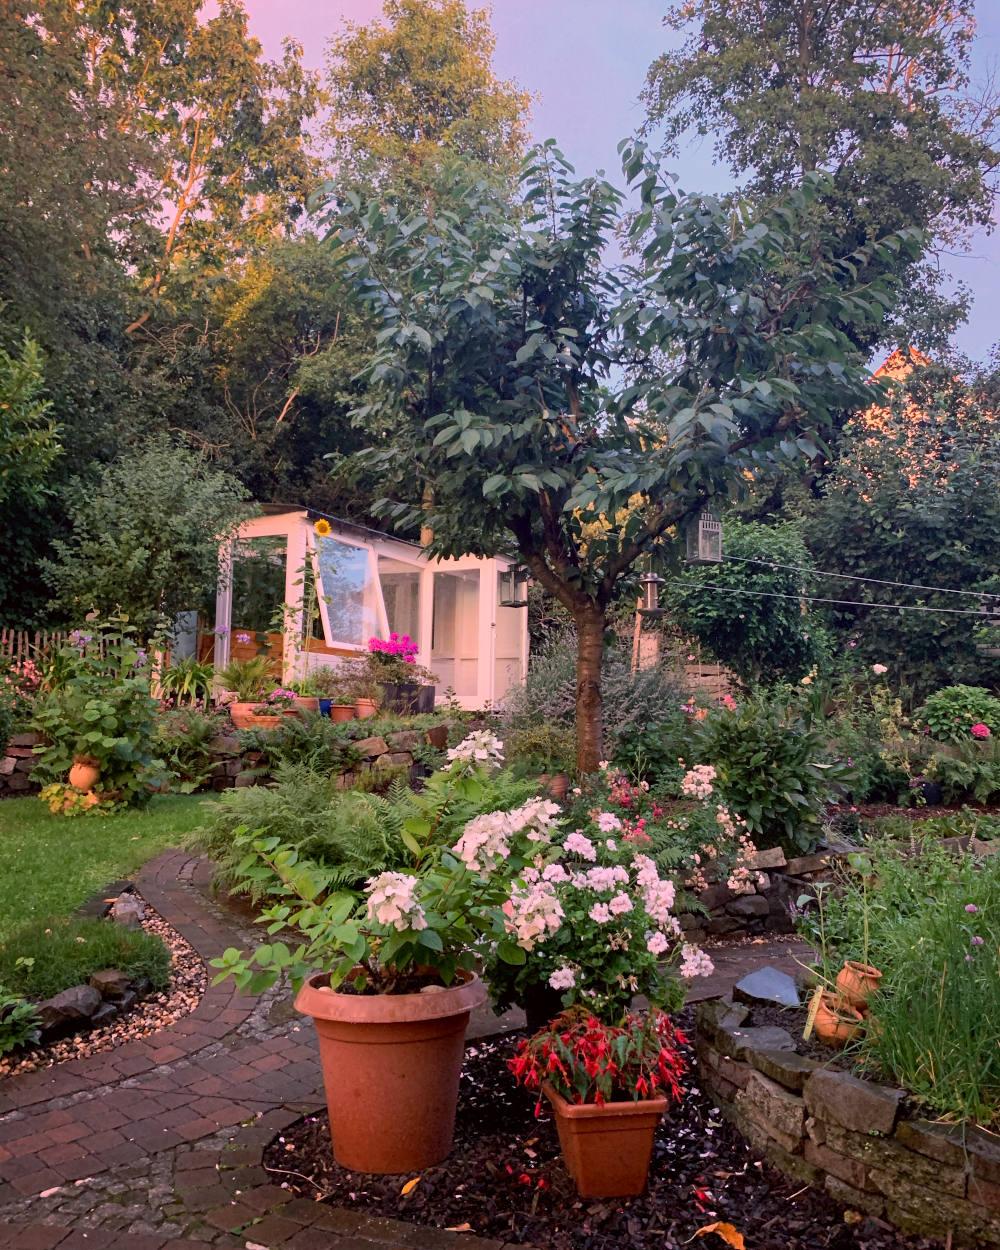 Garten mit rot-blauen Himmelsfarben im Sommerregen.